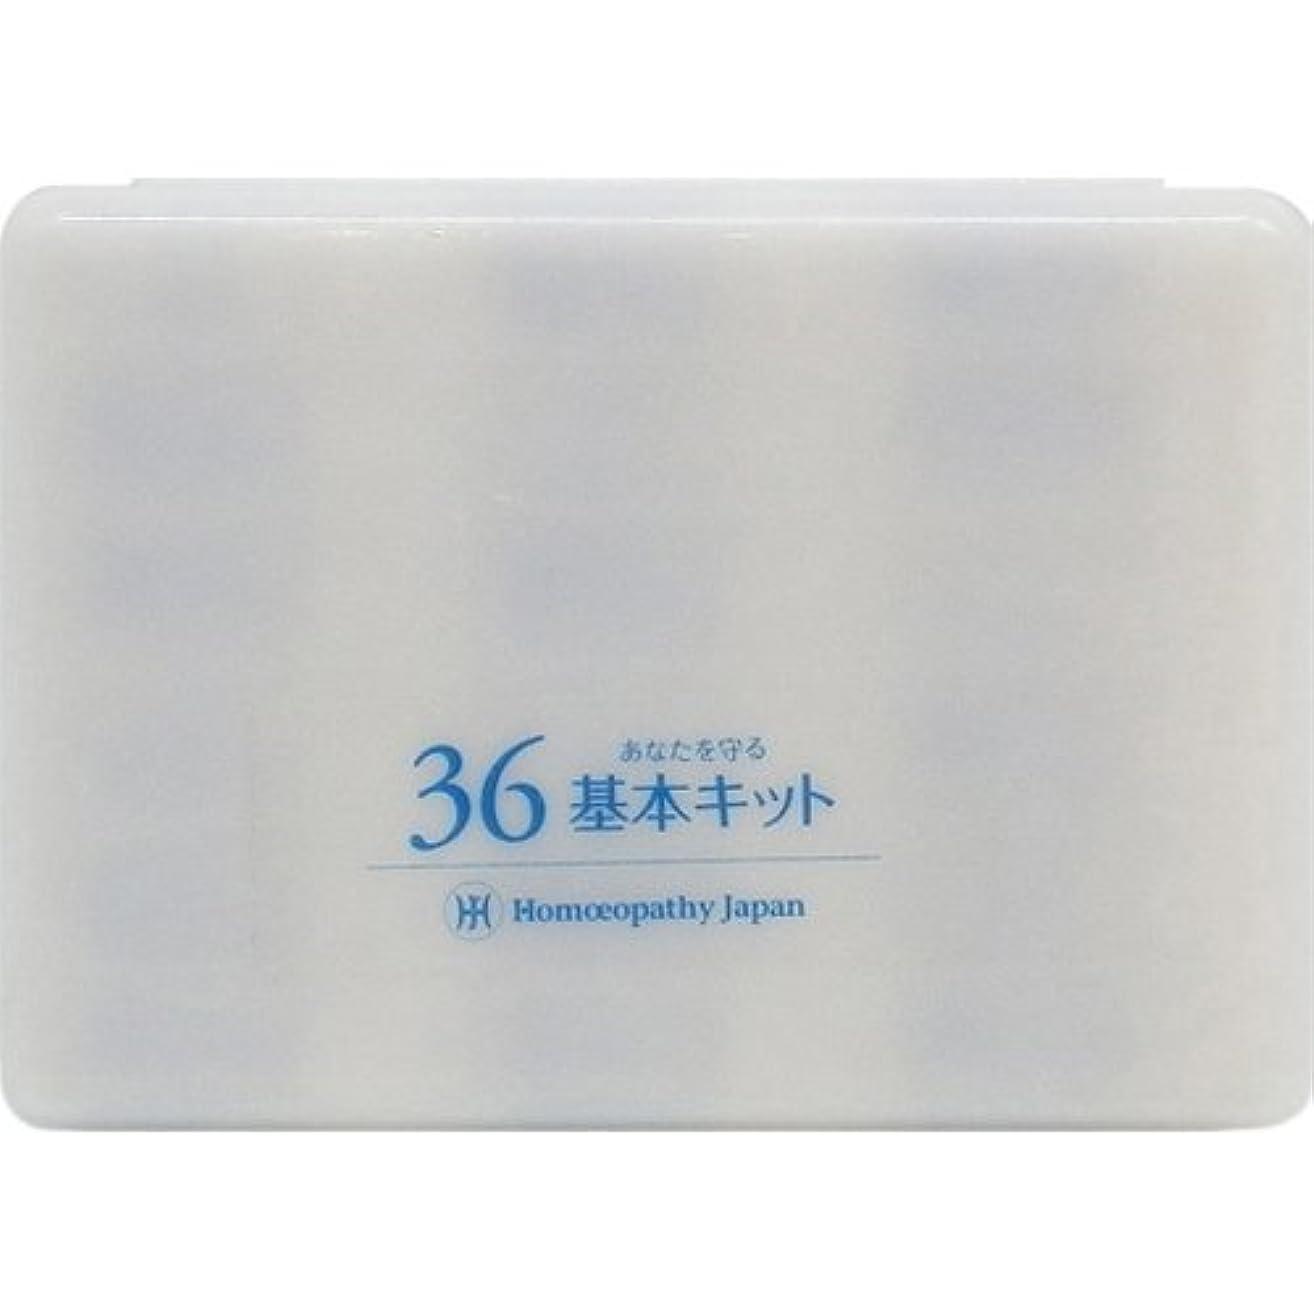 書店ファームアサートホメオパシージャパンレメディー 新36基本キット